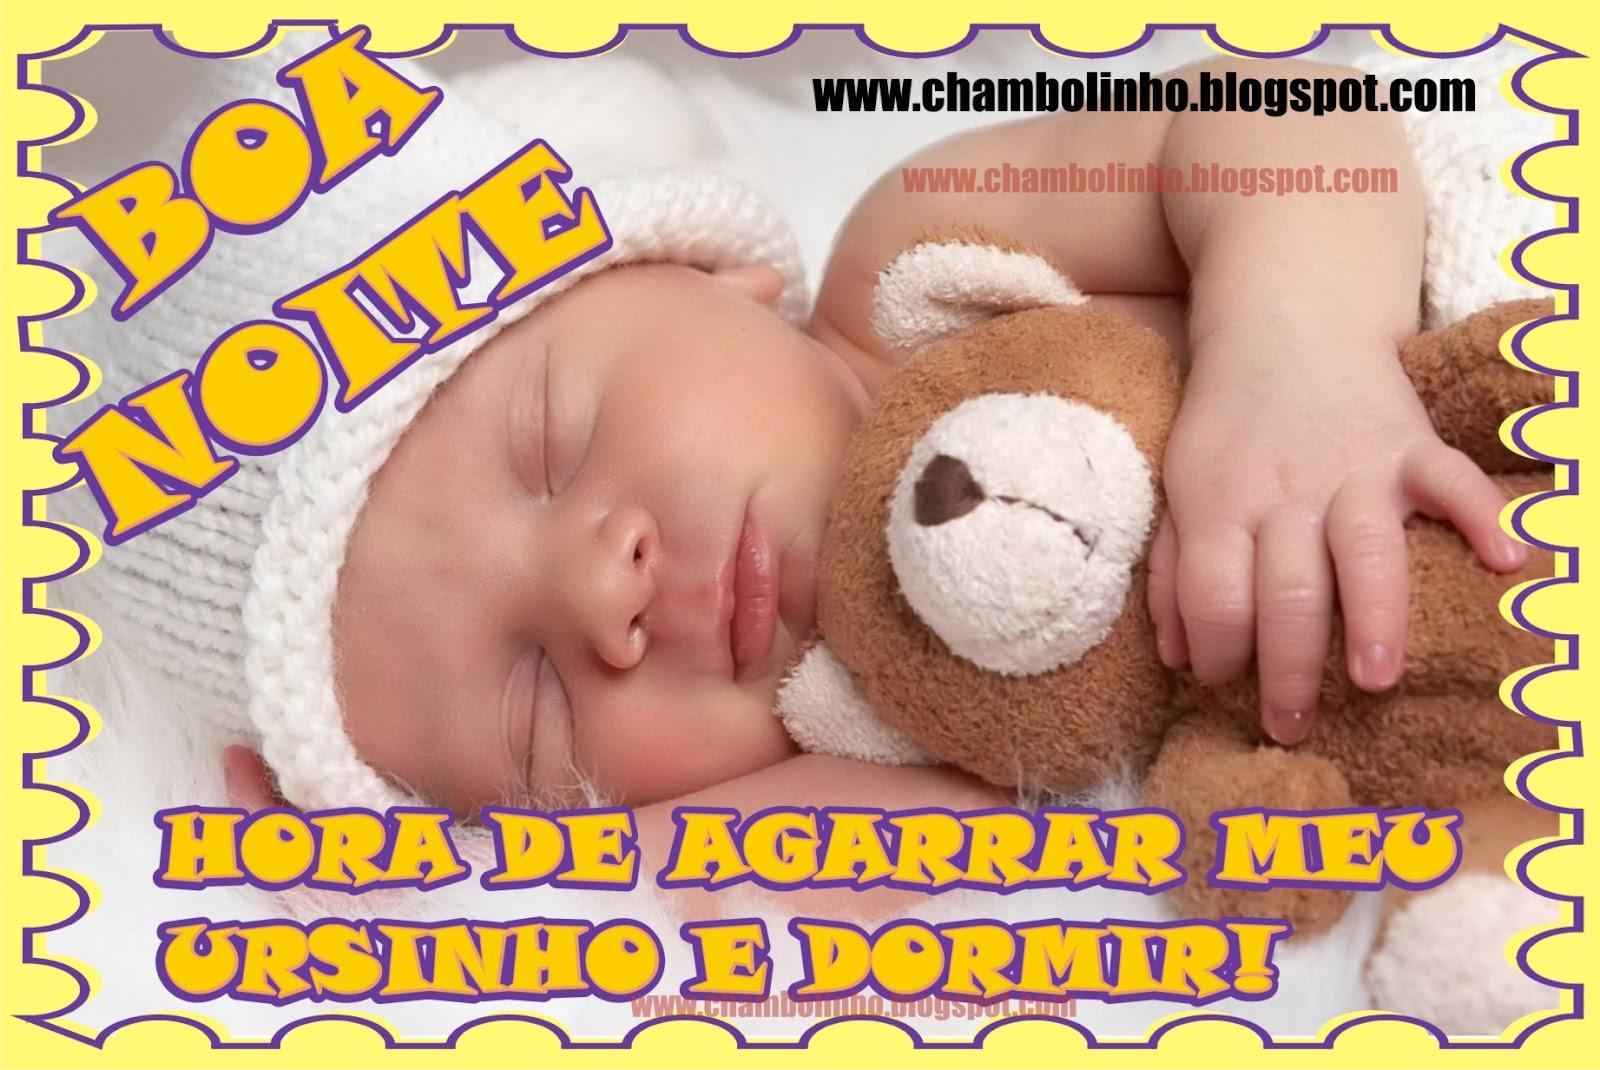 http://3.bp.blogspot.com/-7nDYEW_c_RA/UA3_PaxlAxI/AAAAAAAAMBY/AycQ1rjbu5E/s1600/boa%20noite%20para%20facebook.jpg